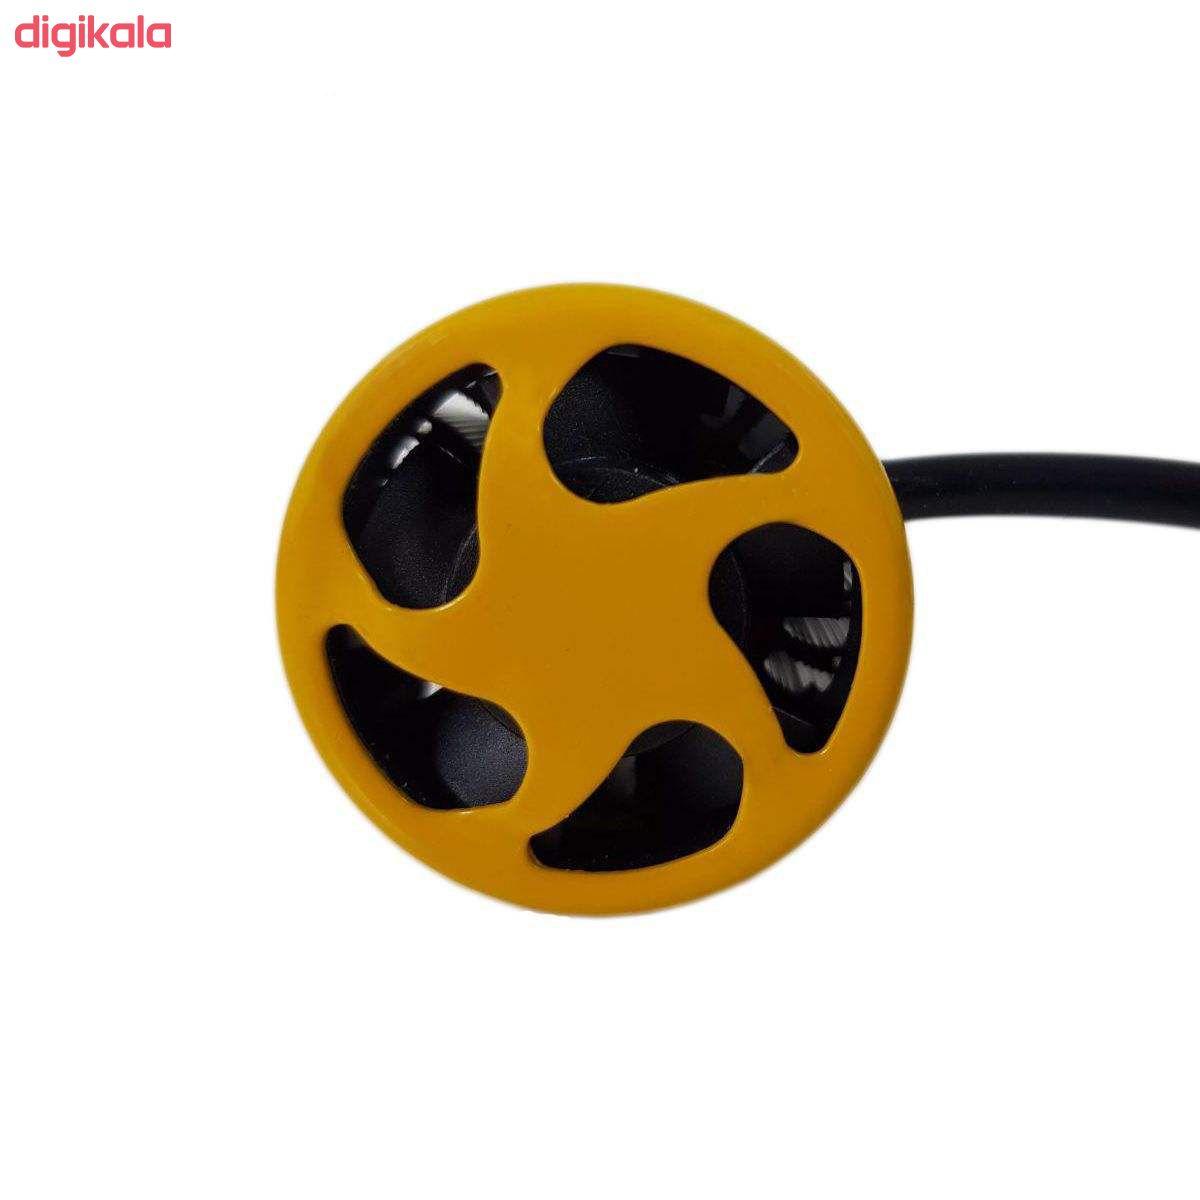 لامپ ال ای دی خودرو لنزو مدل dan01 بسته 2 عددی main 1 3